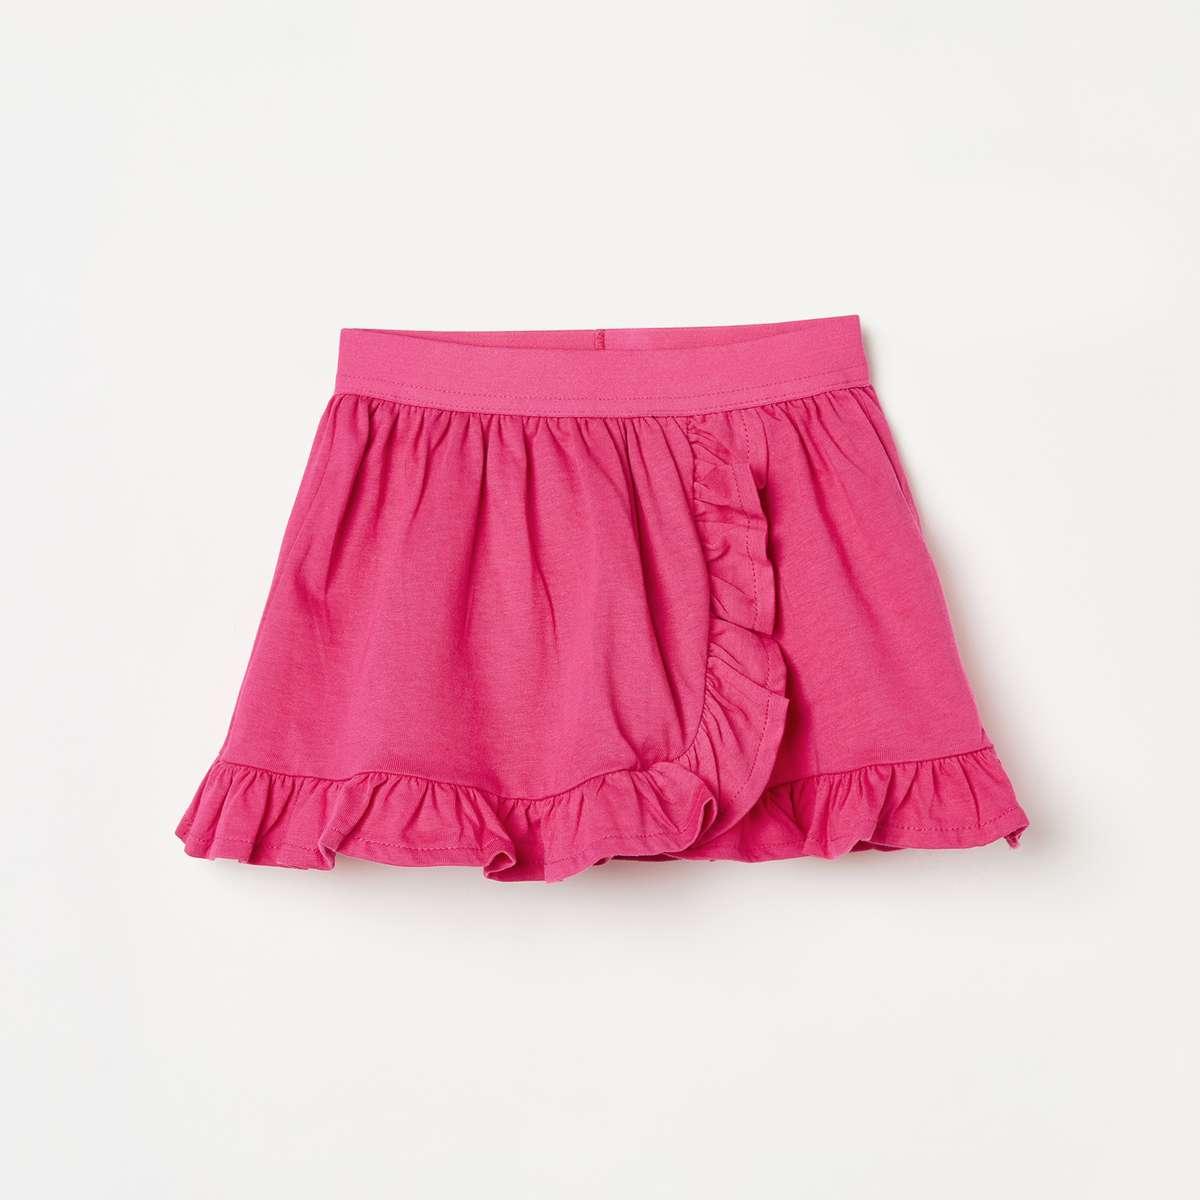 JUNIORS Girls Solid Layered Skirt